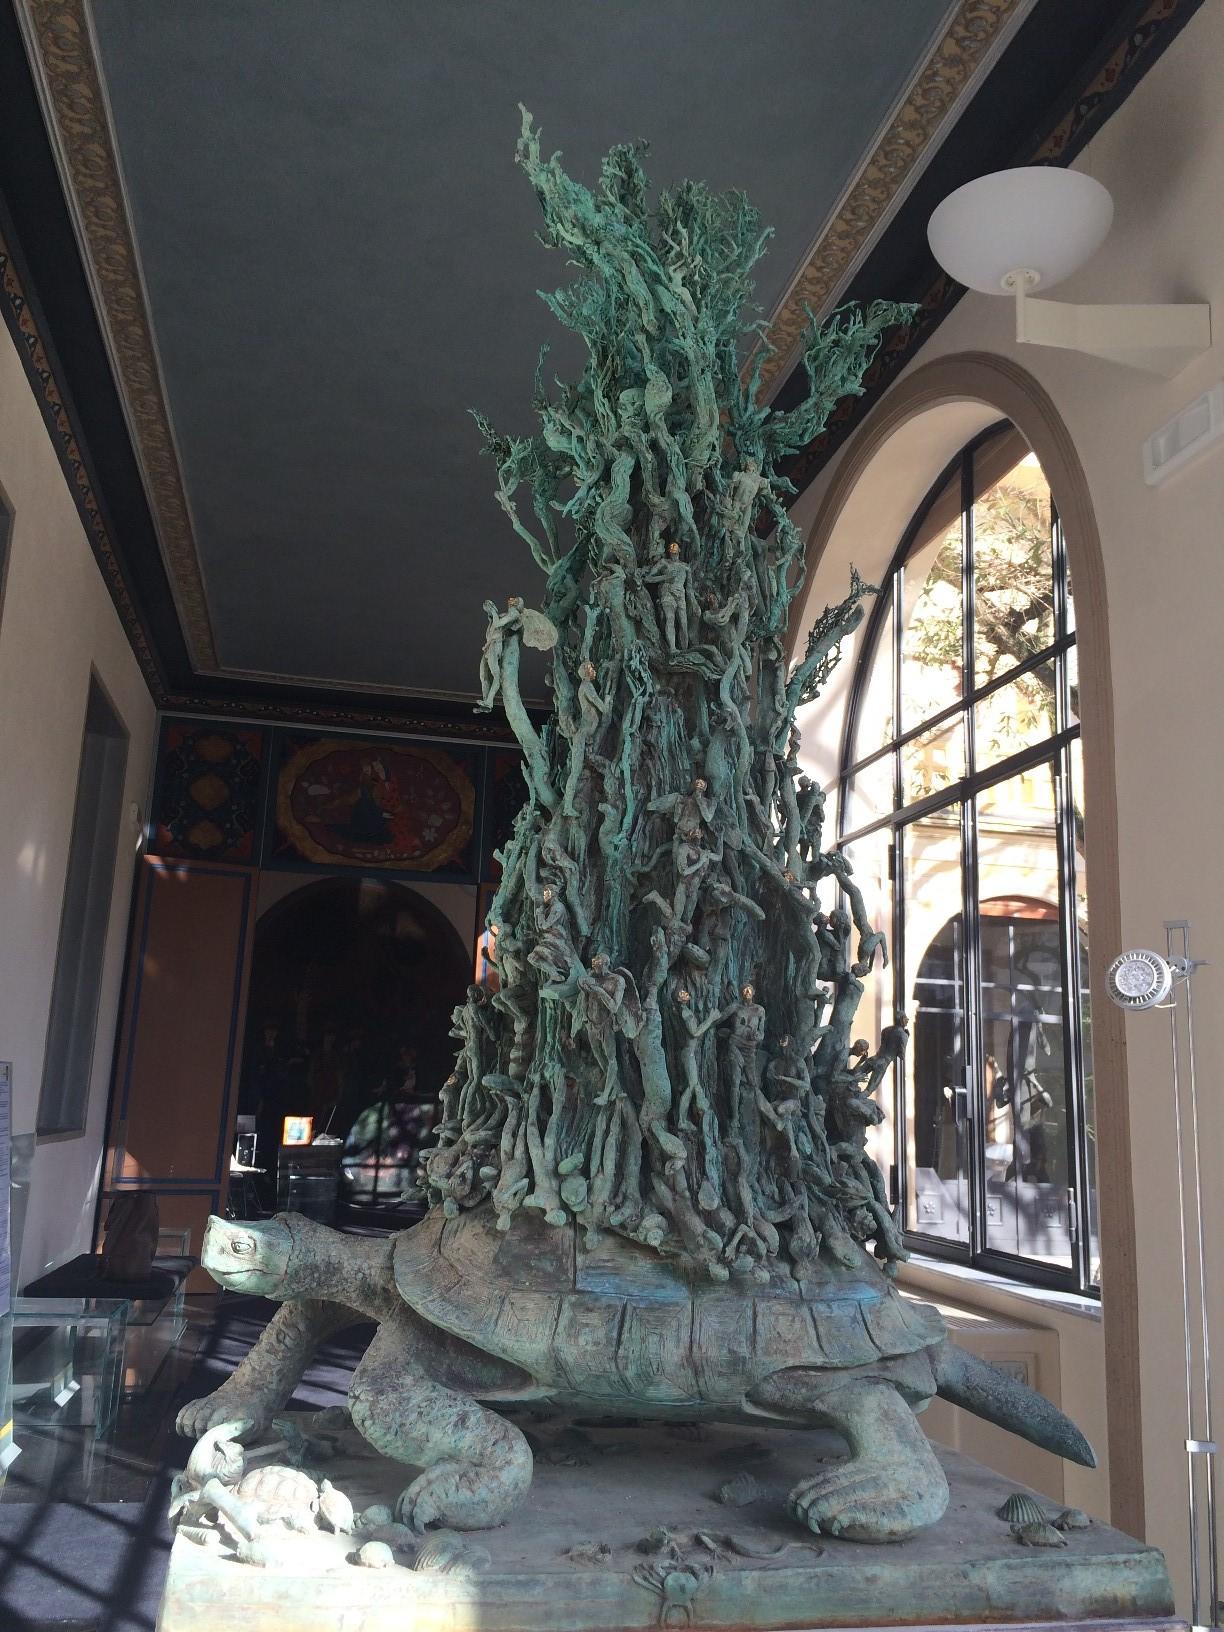 Visita tattile per non vedenti alla mostra di Ivan Theimer a Villa Argentina